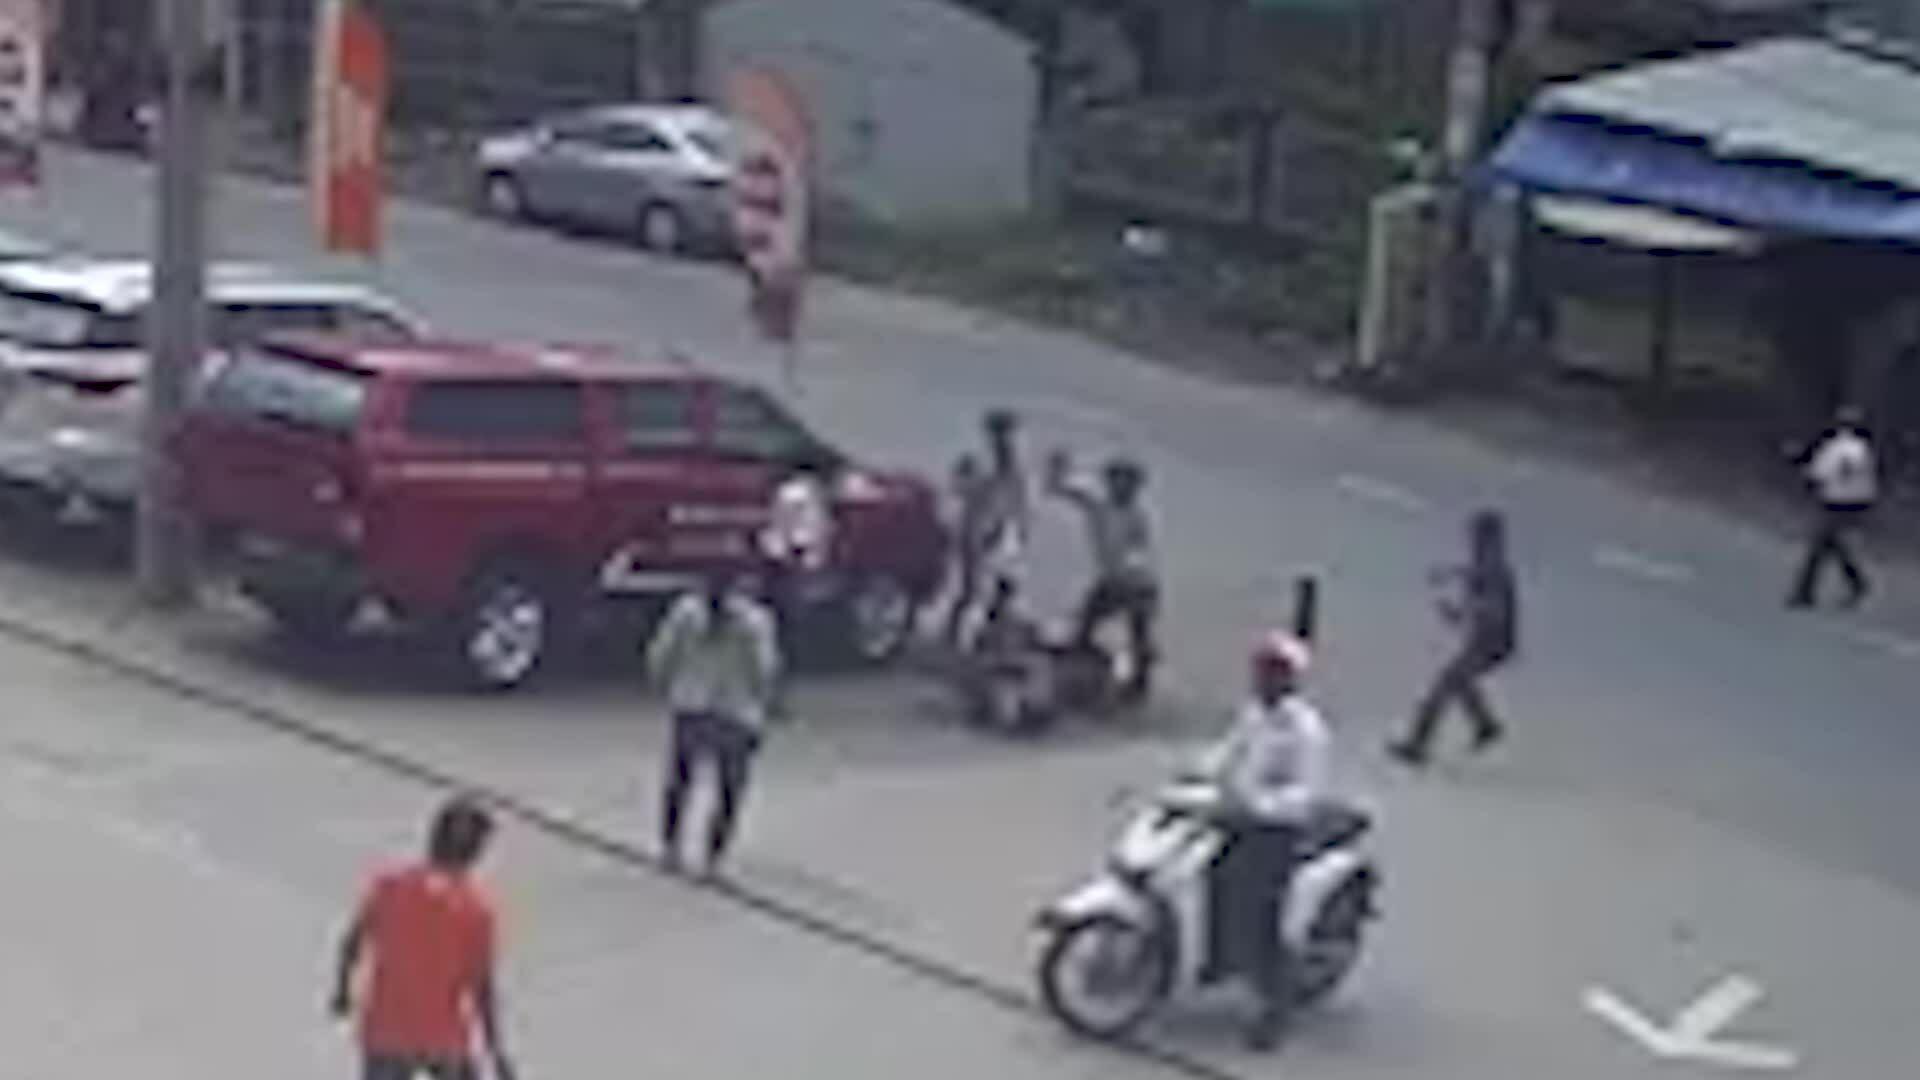 Hai tên cướp tấn công người truy đuổi bằng hơi cay